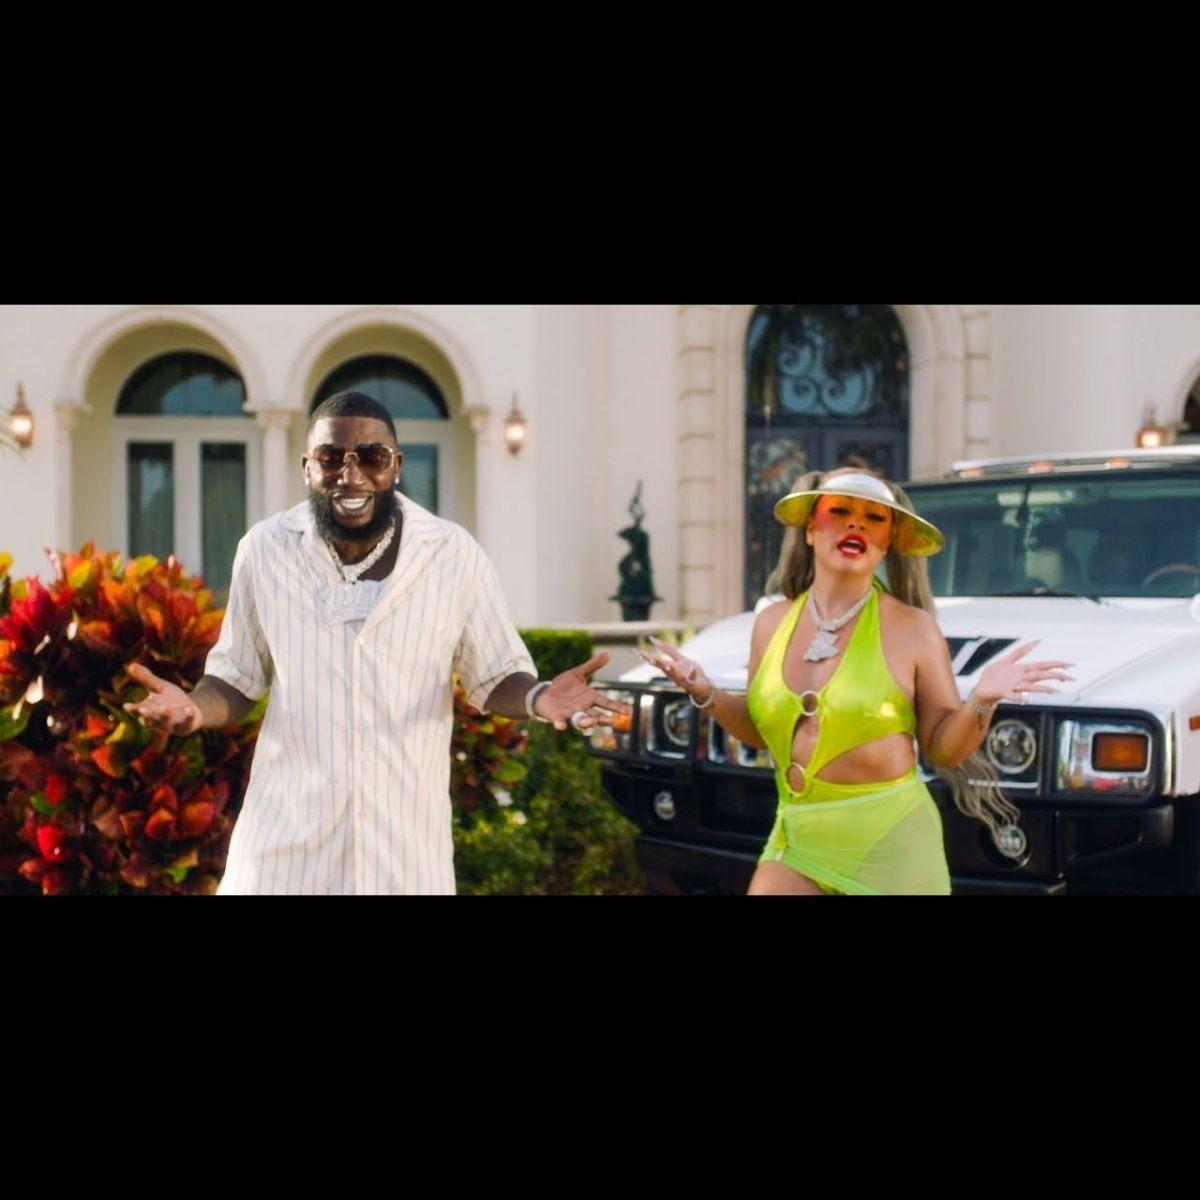 Mulatto - Muwop (ft. Gucci Mane) (Thumbnail)